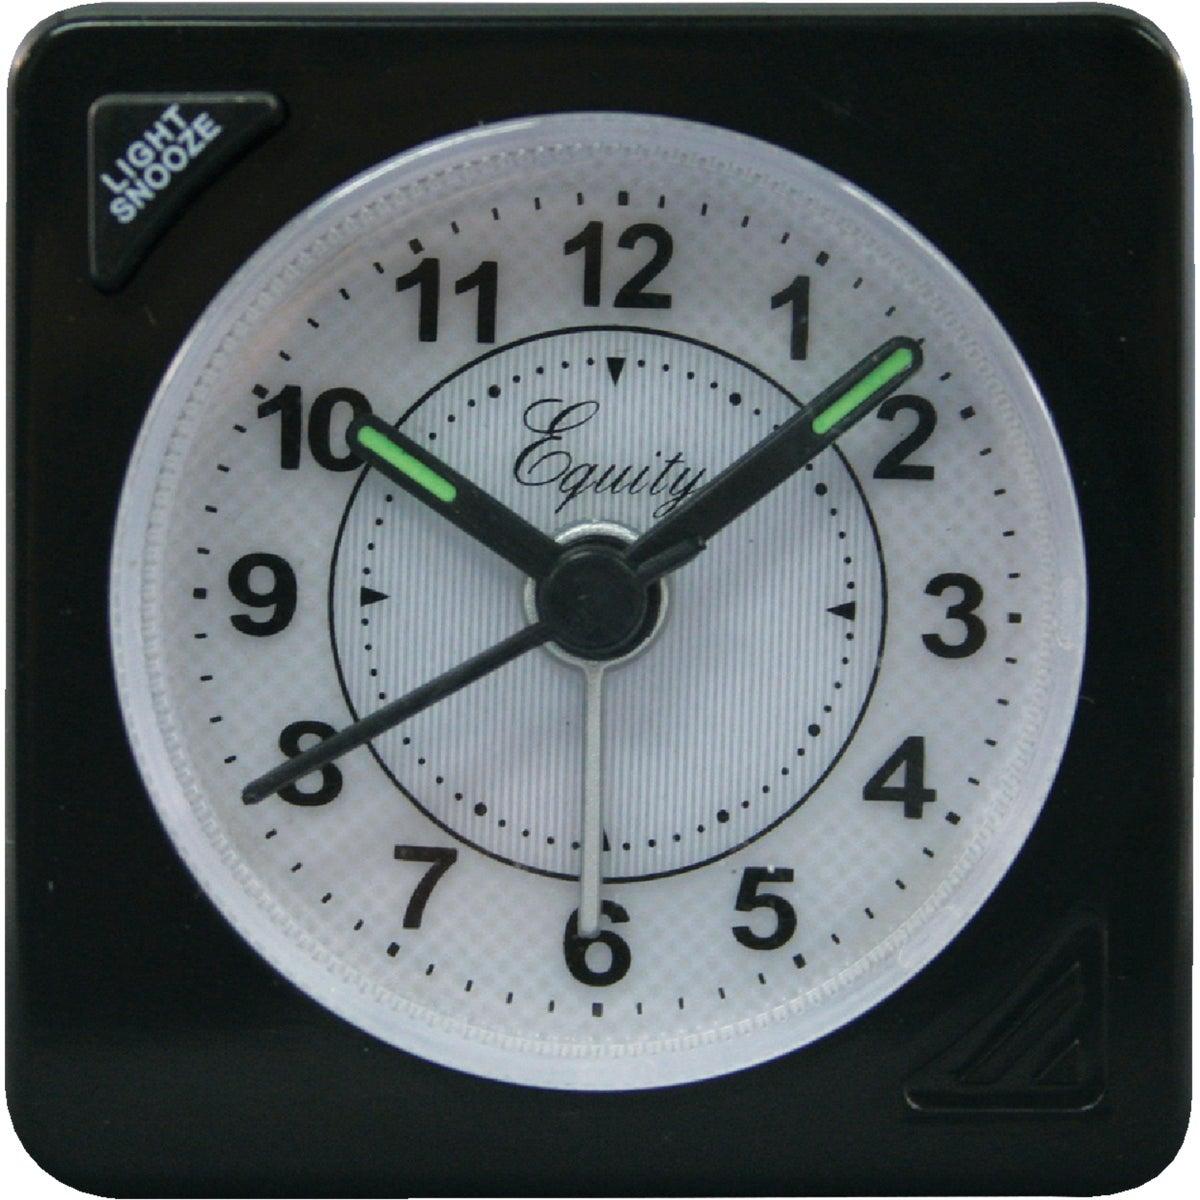 CUBE TRAVEL ALARM CLOCK - 3076AT by Geneva Clock Company